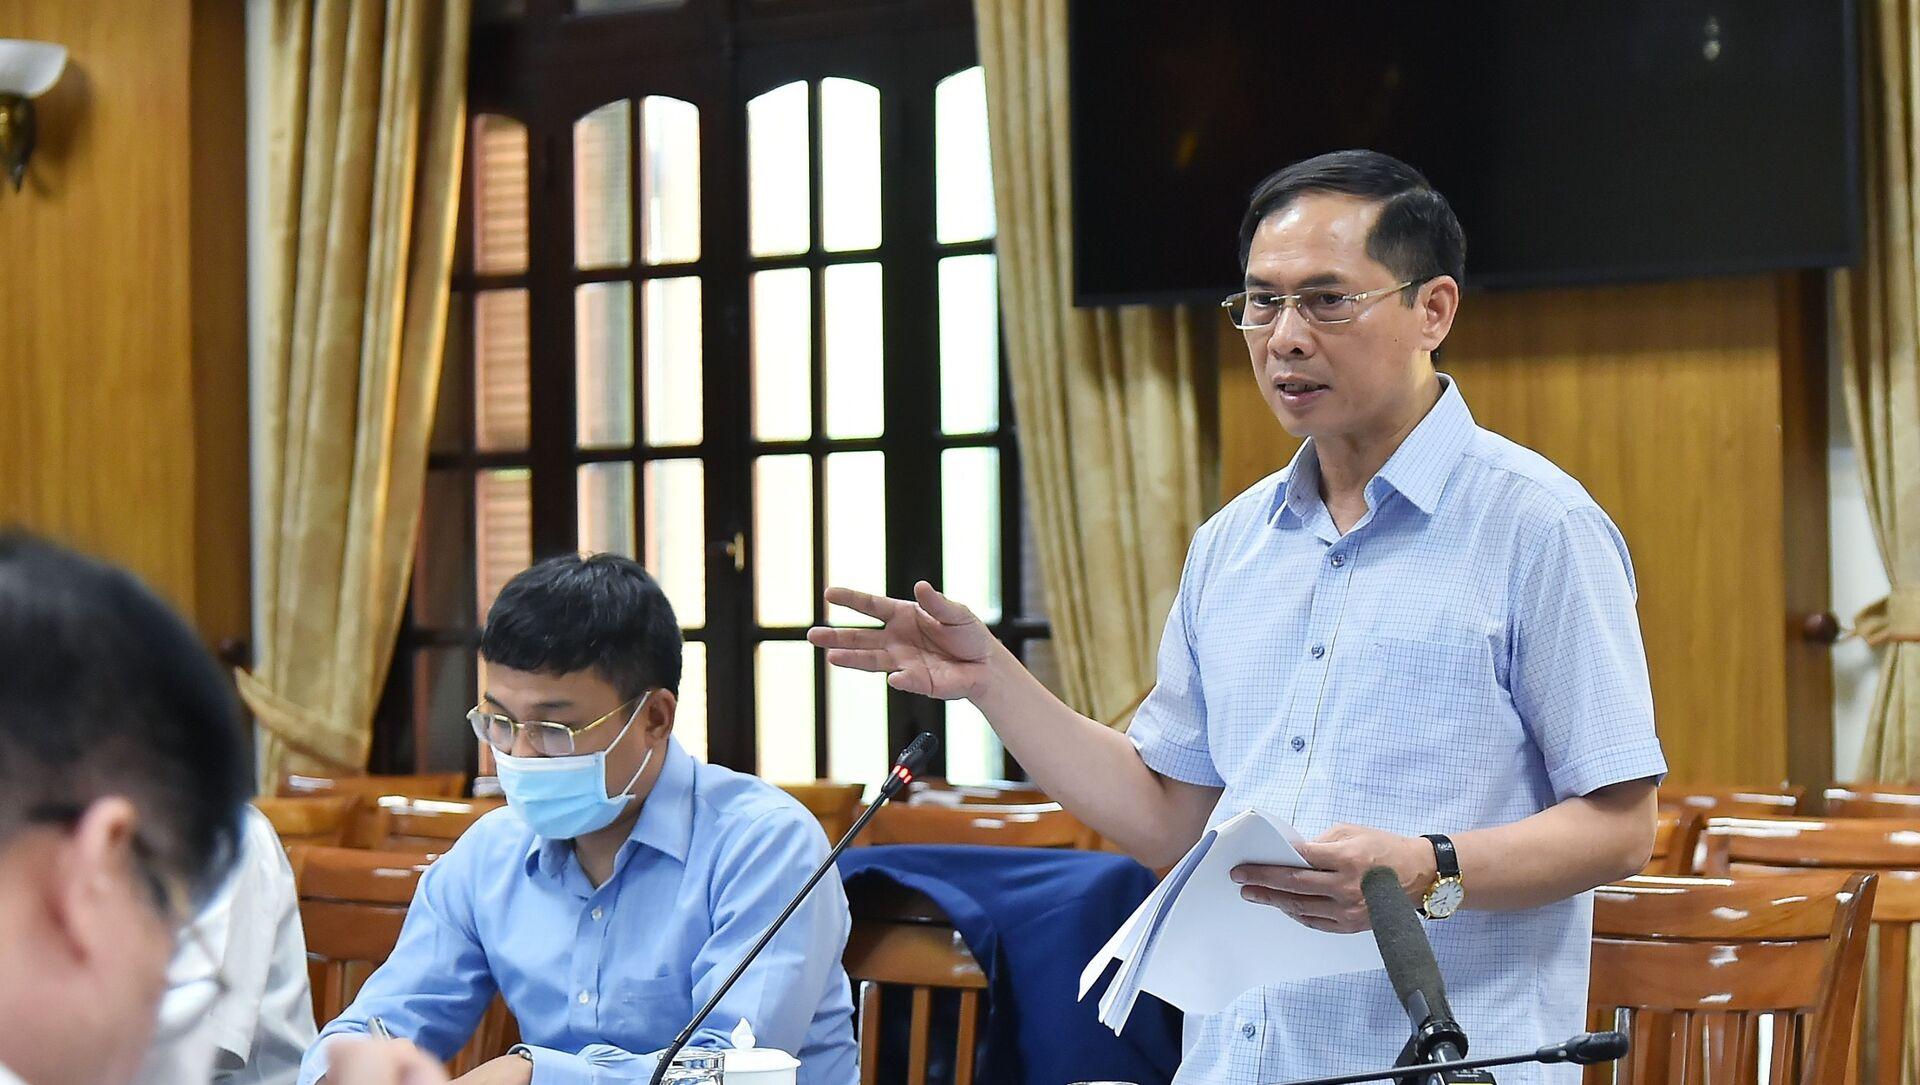 Bộ trưởng Ngoại giao Bùi Thanh Sơn và Tổ công tác của Chính phủ về ngoại giao vaccine triển khai nhiệm vụ - Sputnik Việt Nam, 1920, 18.08.2021